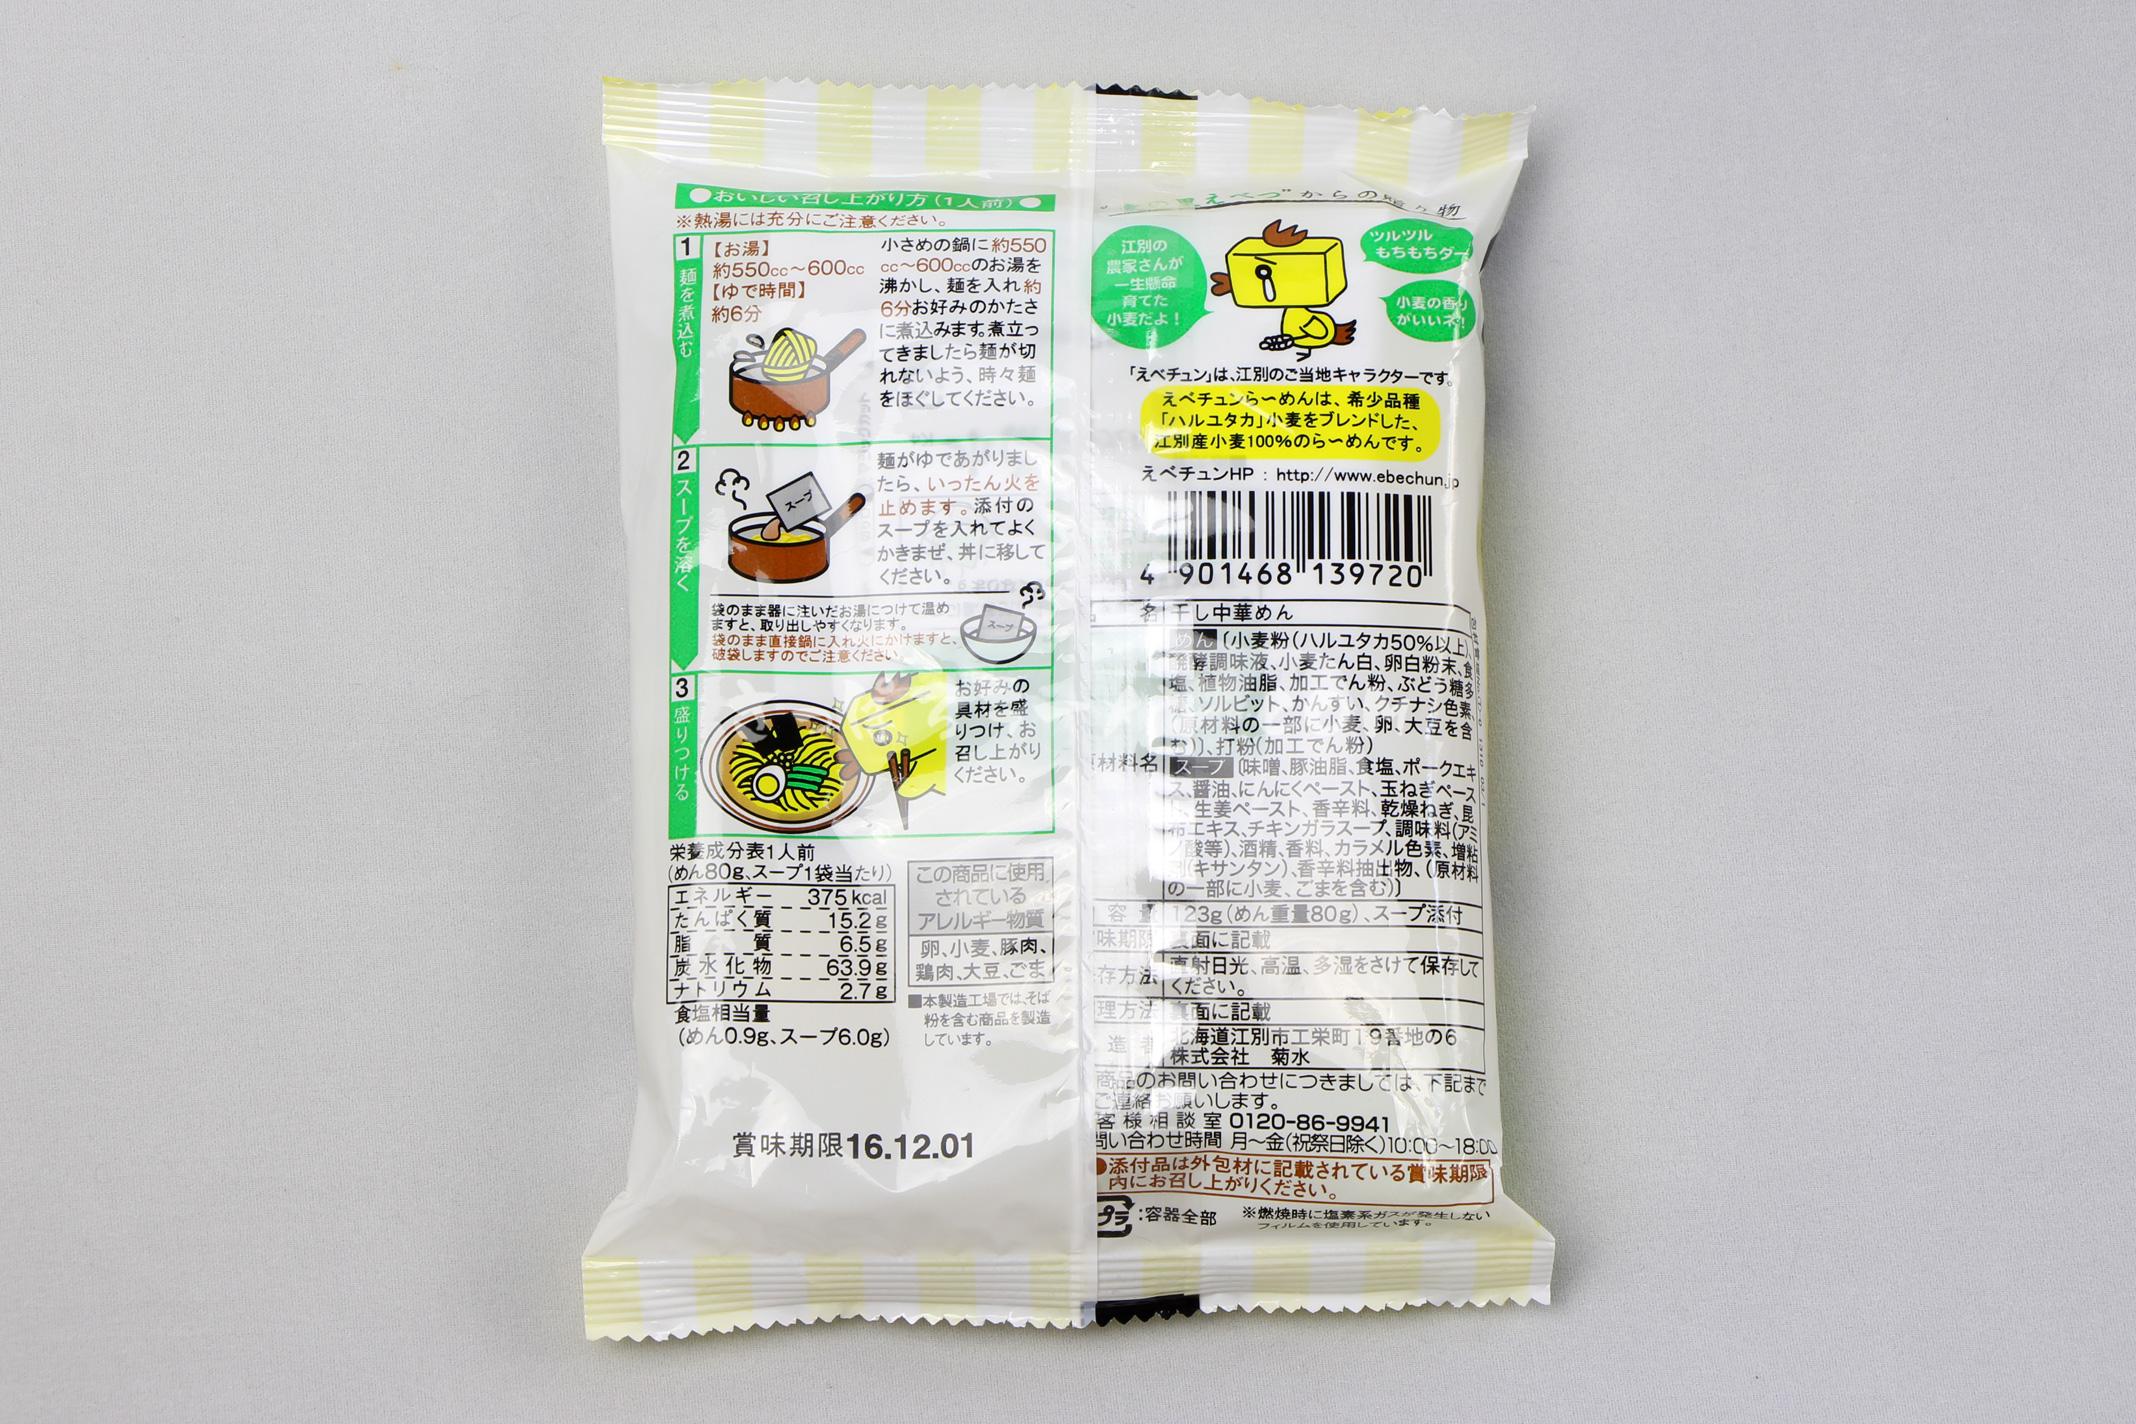 江別産小麦100%のツルもち麺「えべチュンら~めん(みそ)」(菊水)のパッケージ(裏)